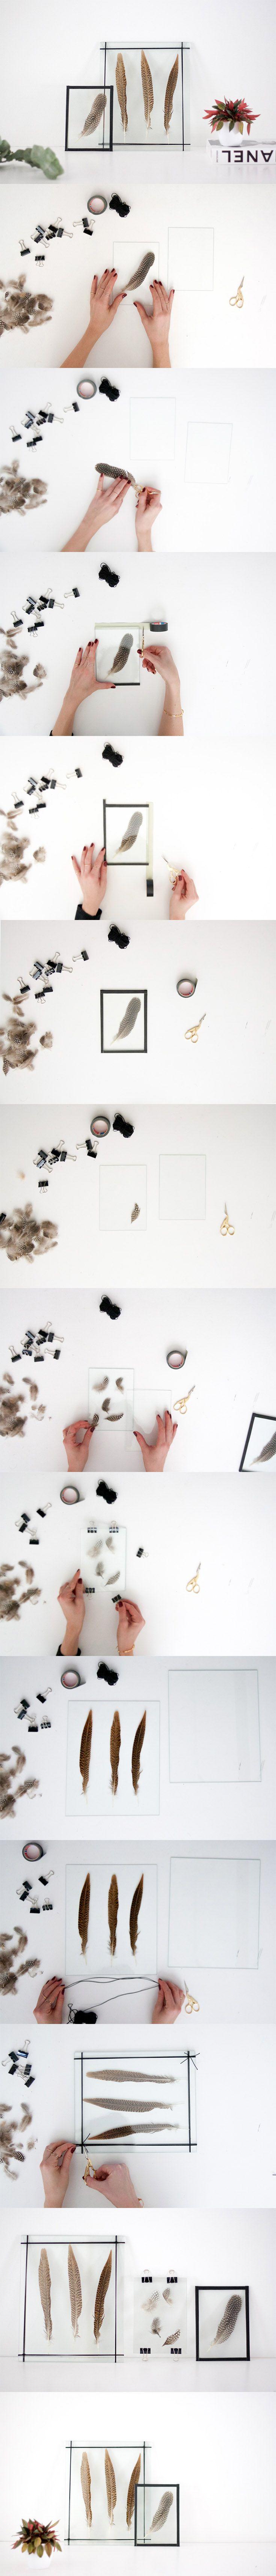 Beste Von Wandgestaltung Wohnzimmer Bilder Design